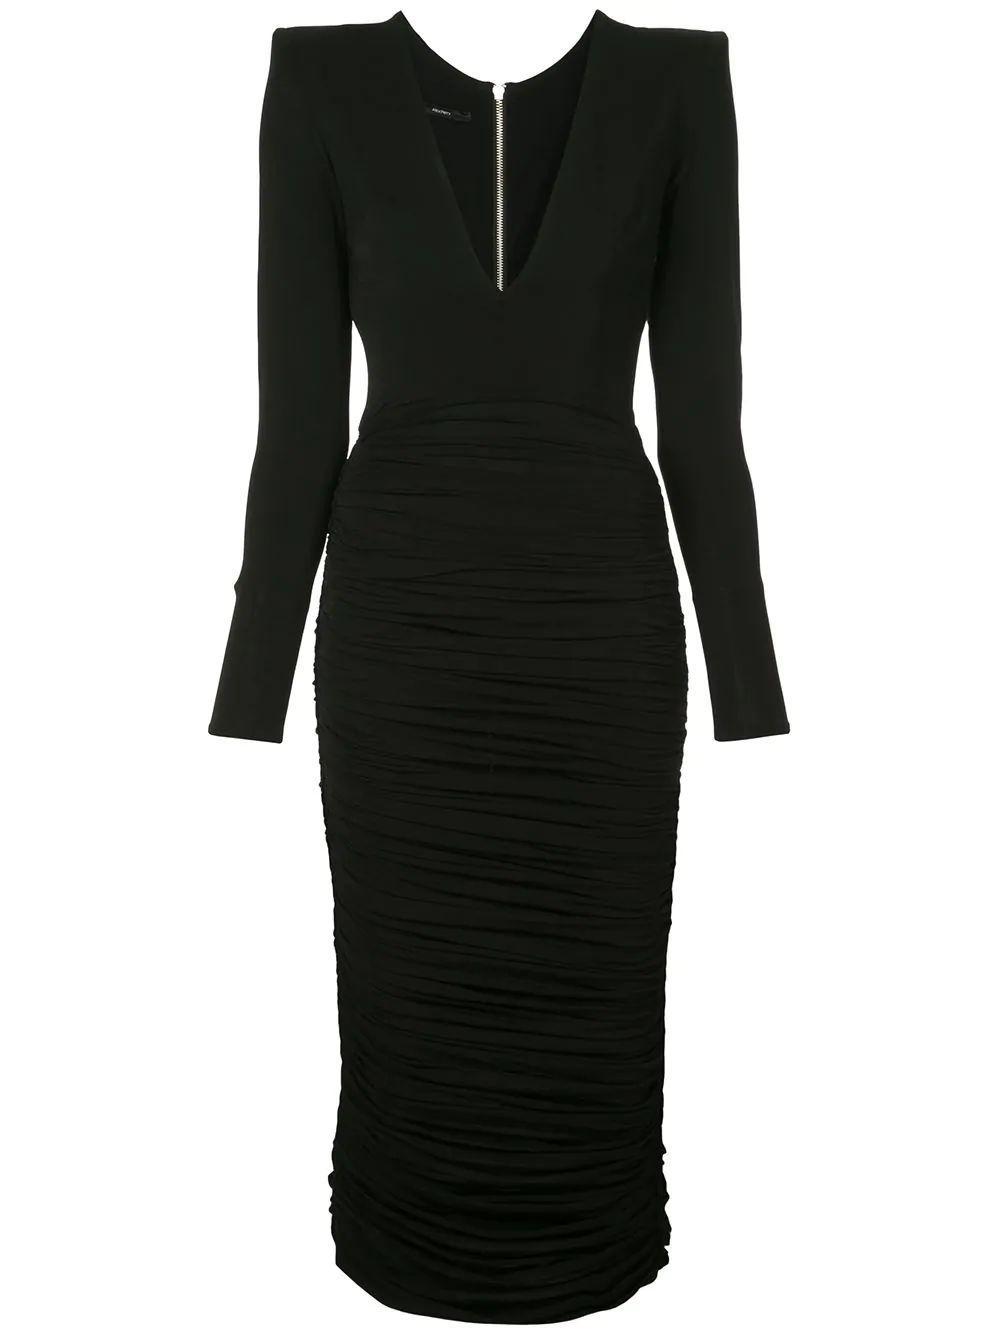 Clove Mesh Ruched V Neck Dress Item # D512